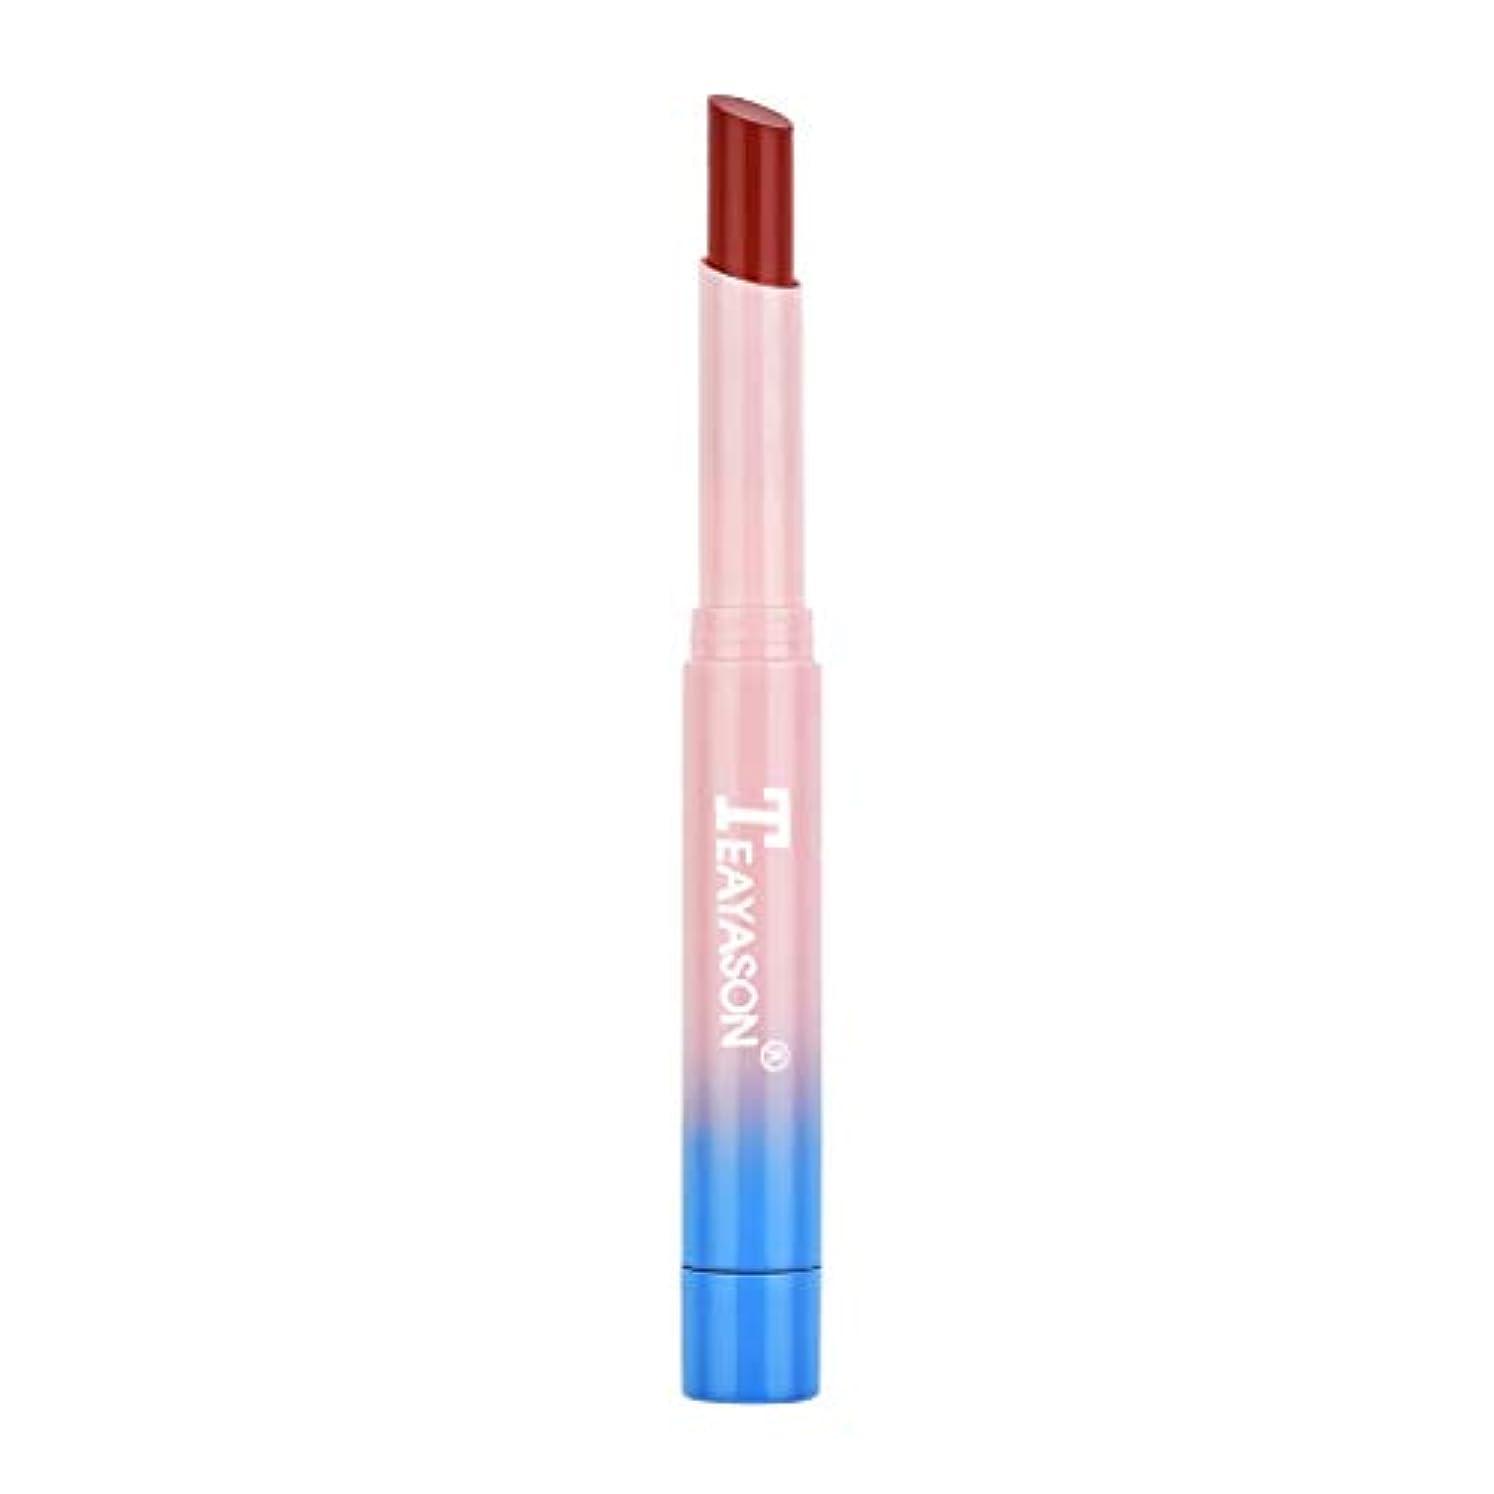 召喚する貸す流用する口紅 BOBOGOJP 新タイプ かわいい オシャレなリップグロス 唇の温度で色が変化するリップ 天然オイル入り 自然なツヤ 保湿 長持ち リップスティック リップベース 防水 透明 リップベース 子供 大人 プレゼント (B) (D)